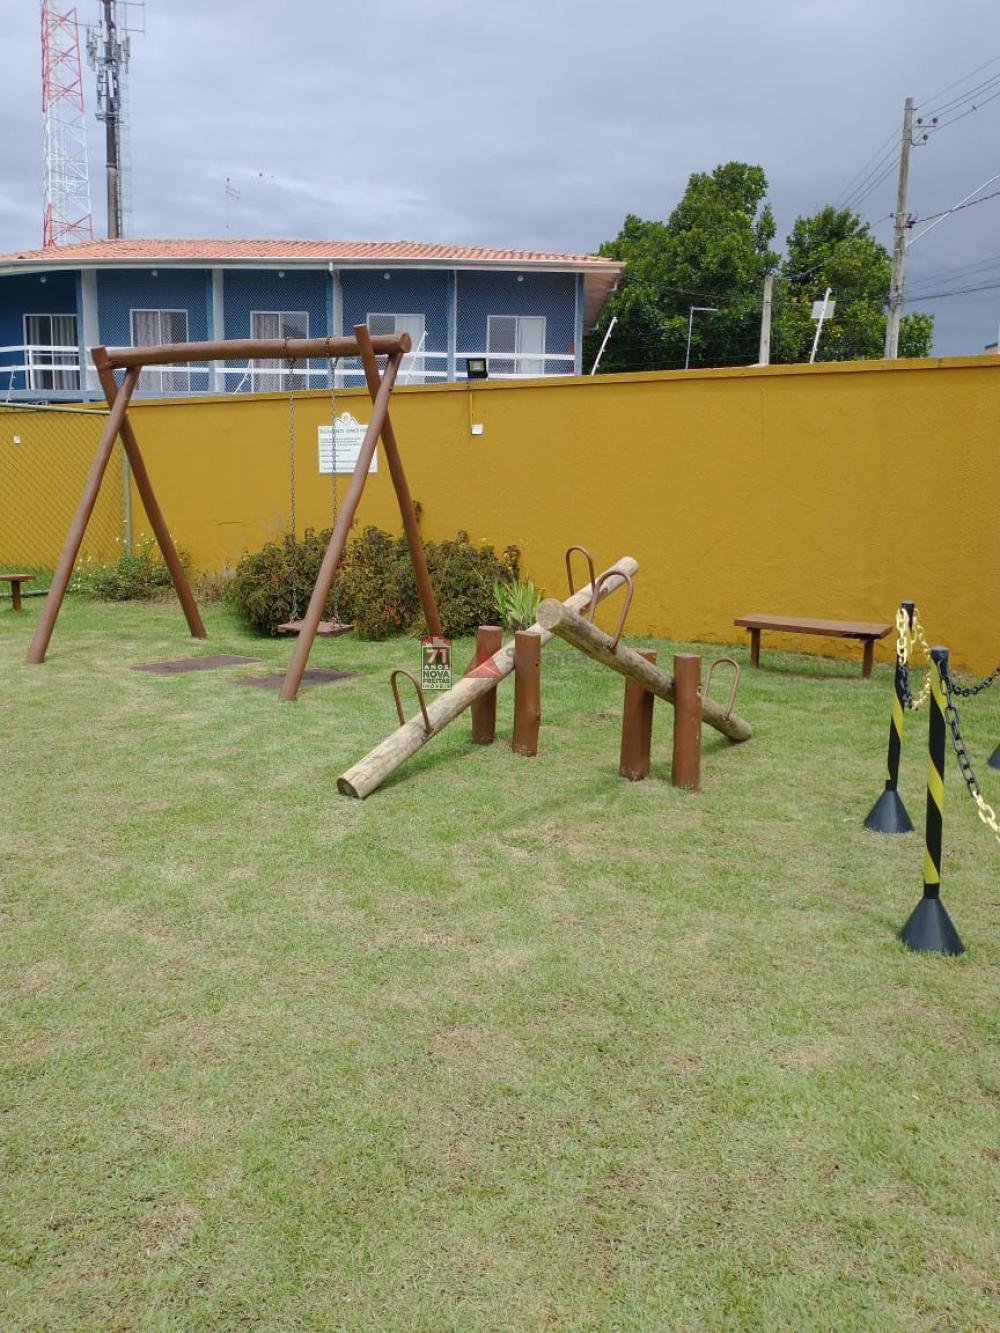 Comprar Casa / Condomínio em Caraguatatuba apenas R$ 340.000,00 - Foto 10